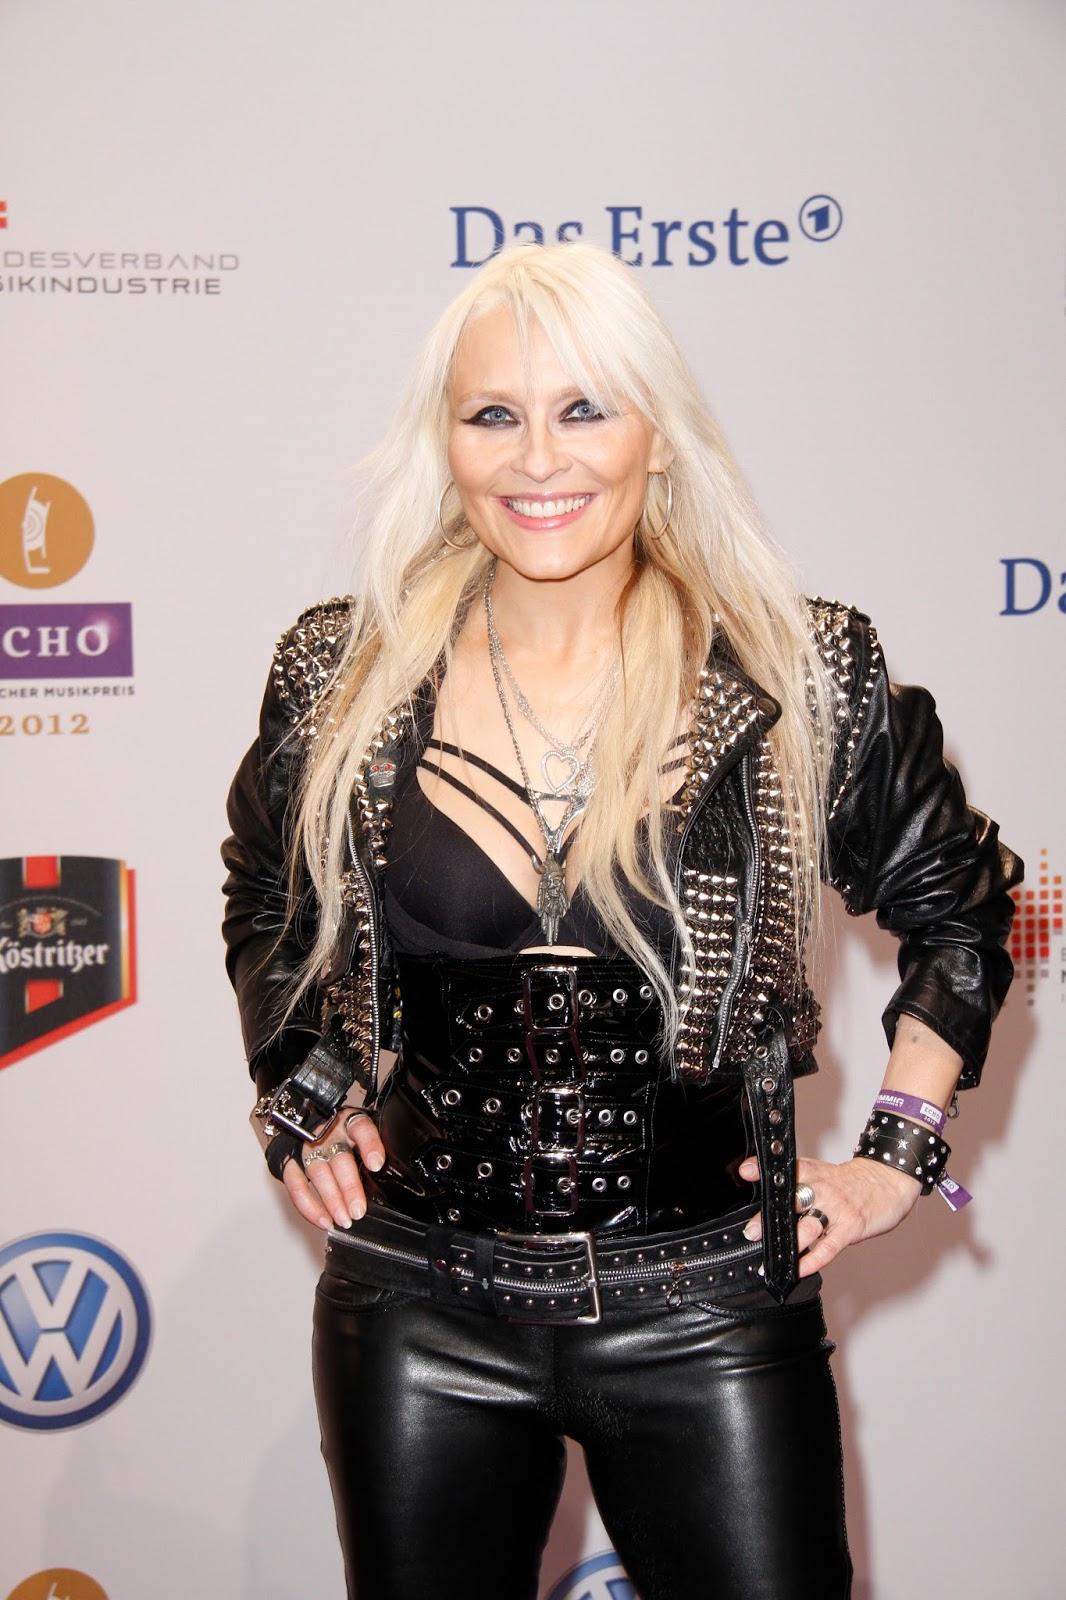 Doro Pesch Sexy HQ Photos at Echo Awards 2012